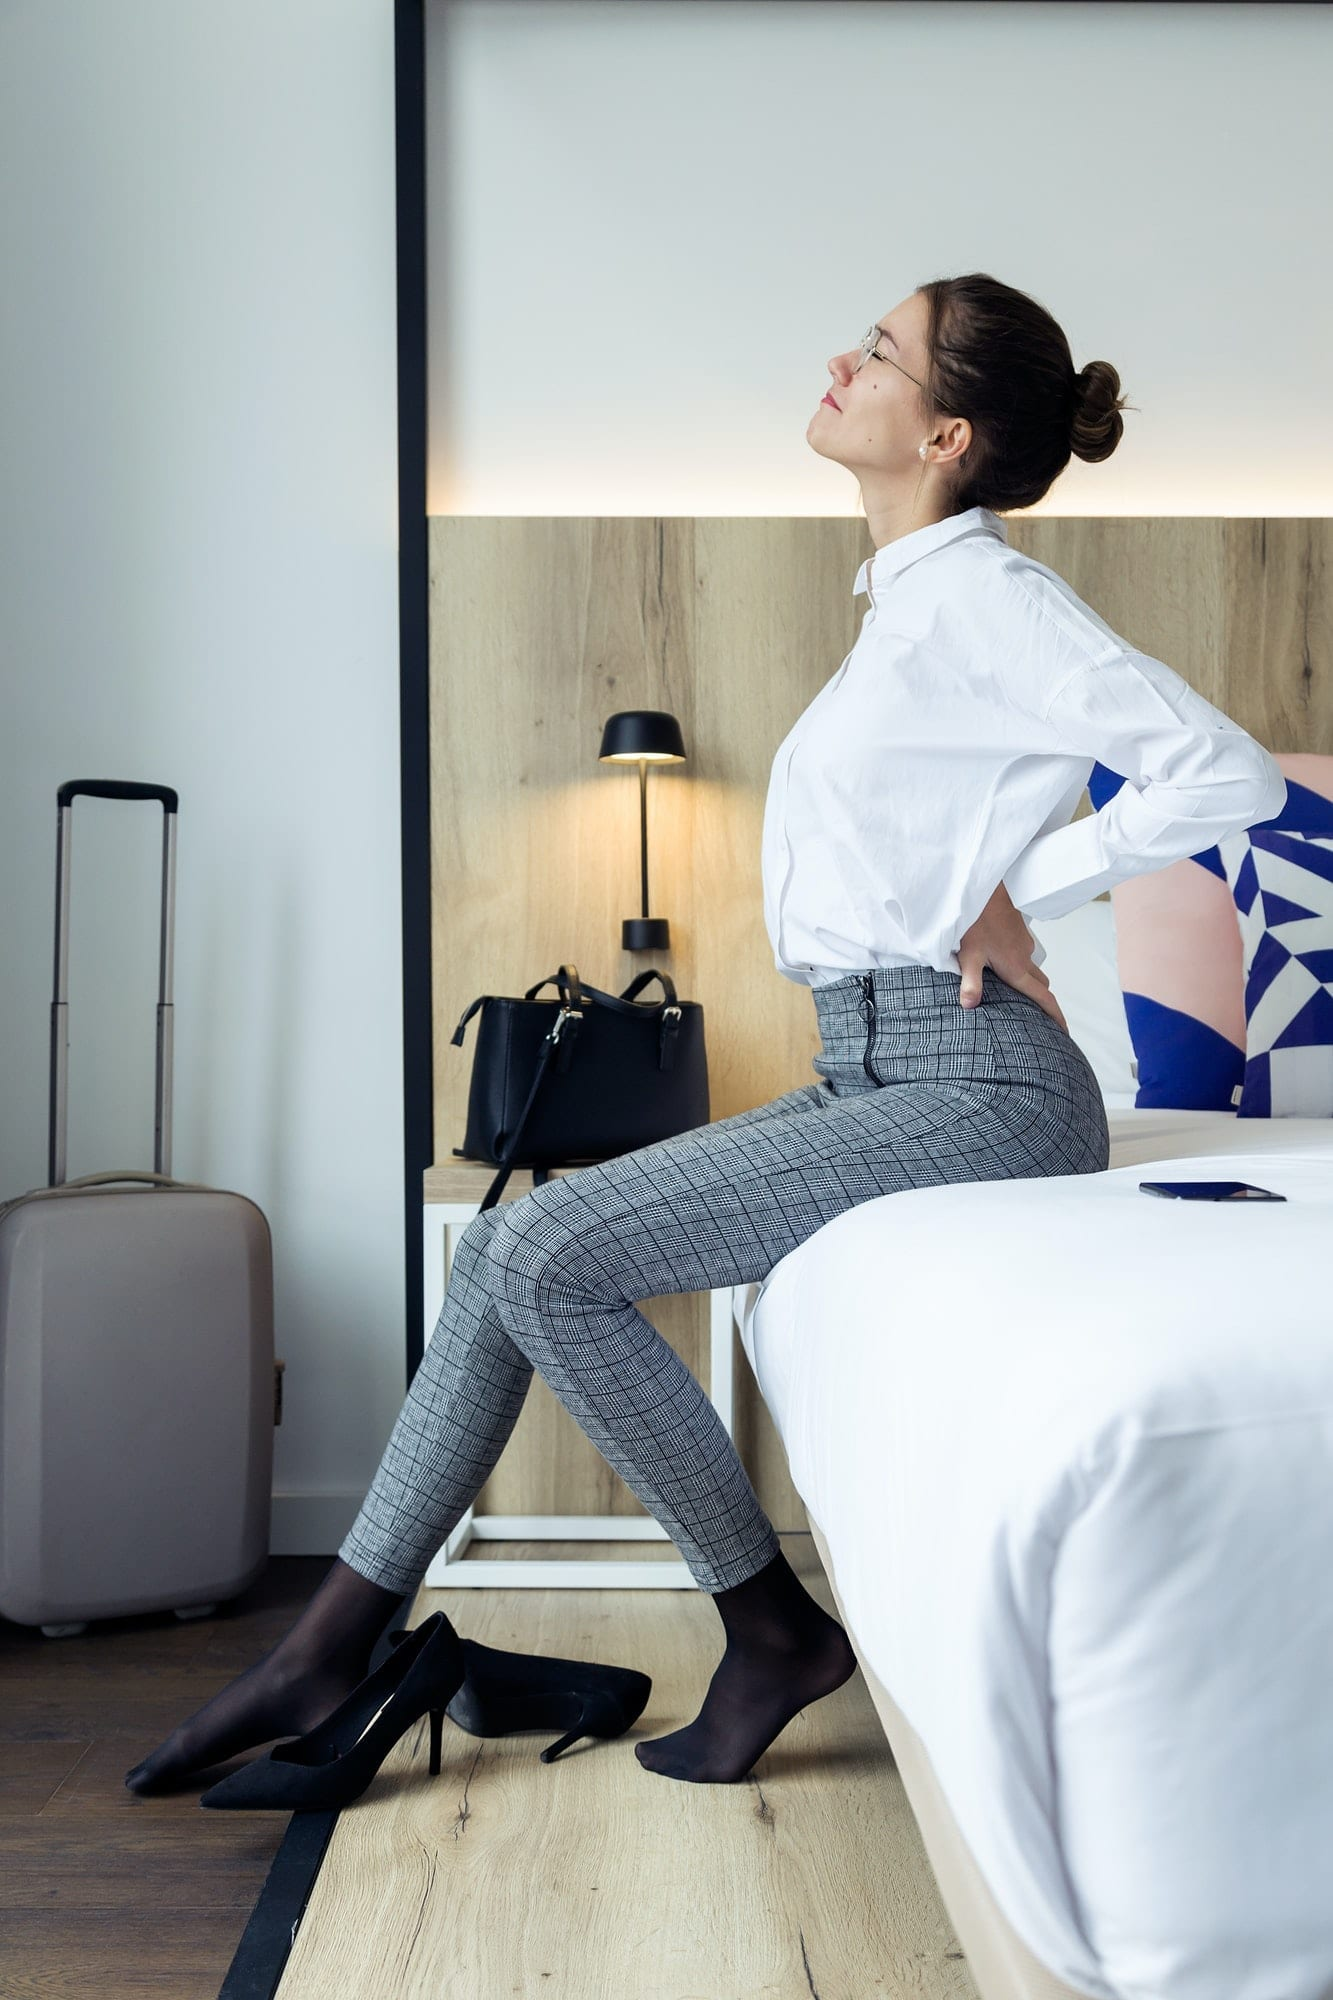 Mid Back Pain Treatment in Atlanta